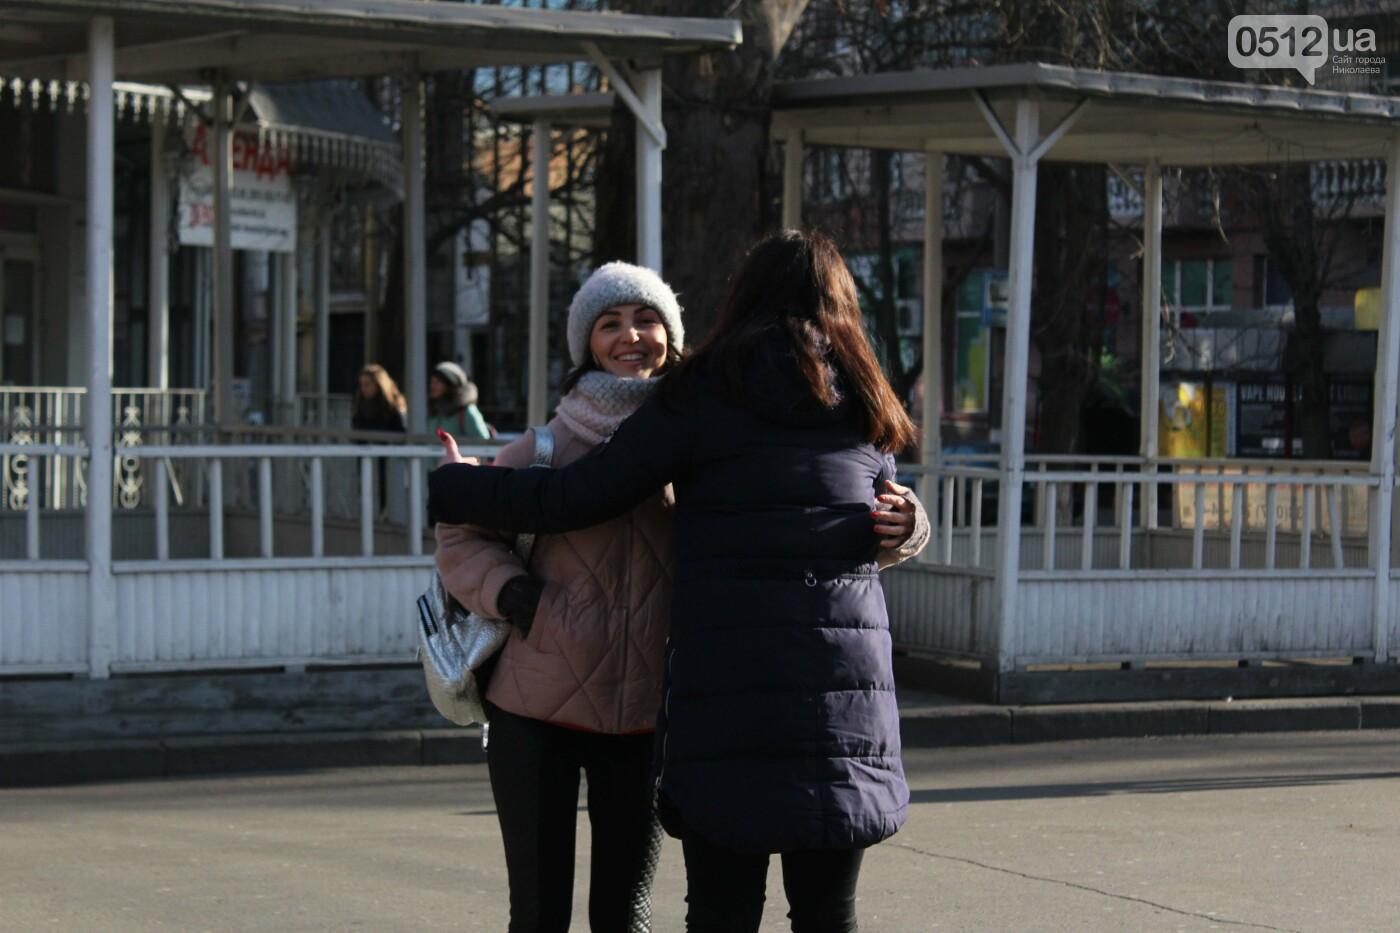 Всемирный день объятий: николаевские журналисты решили порадовать случайных прохожих, - ФОТО, фото-13